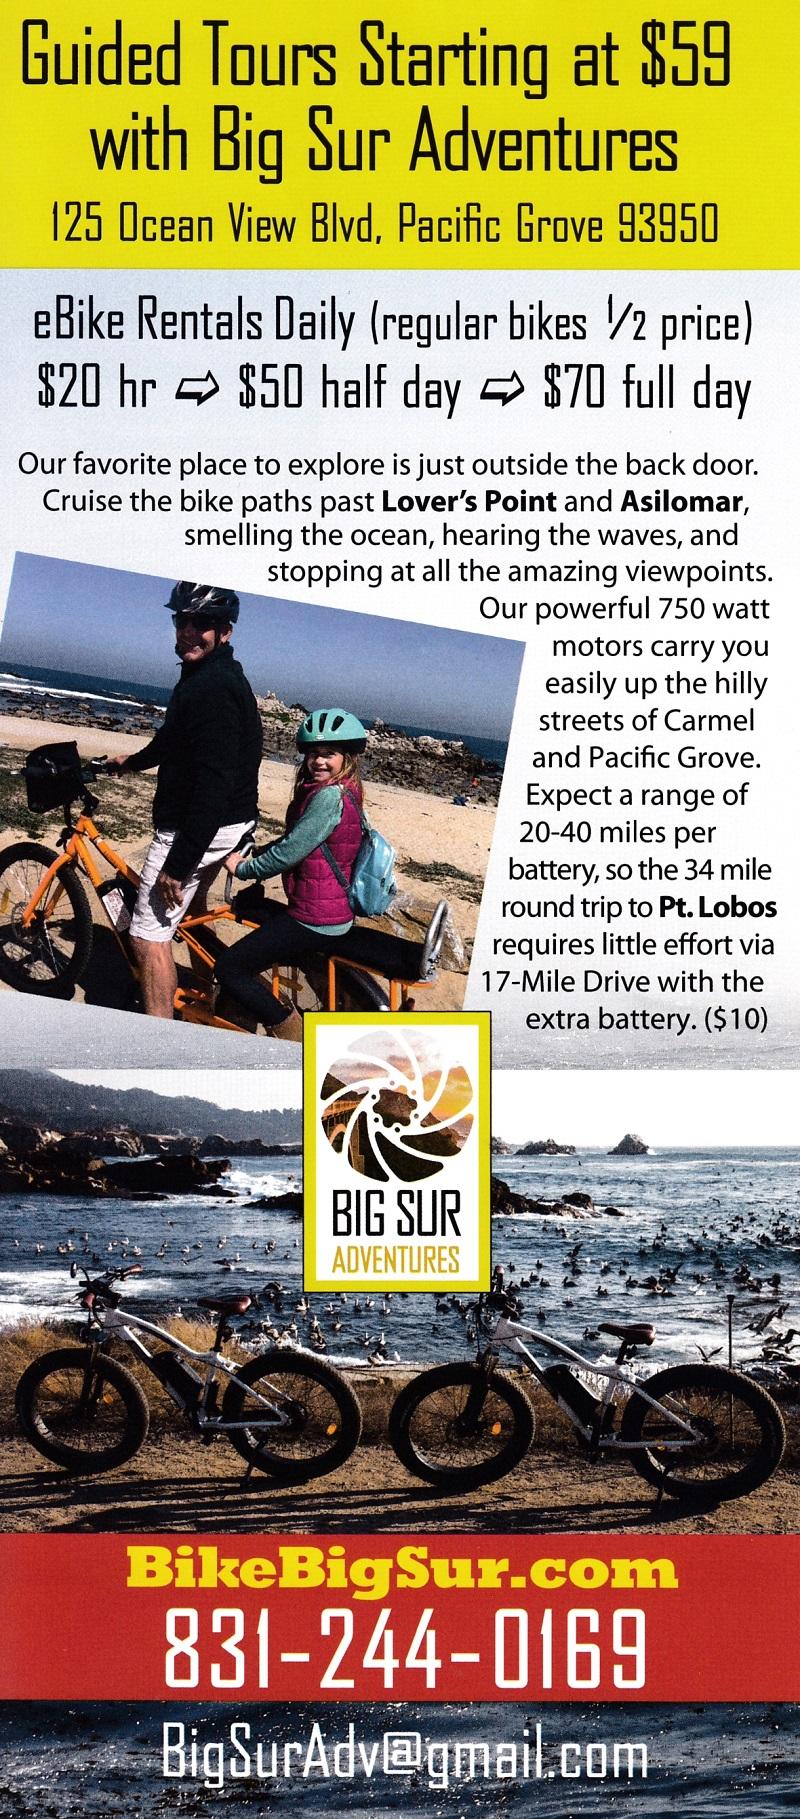 Big Sur Adv - Electric Bike brochure thumbnail